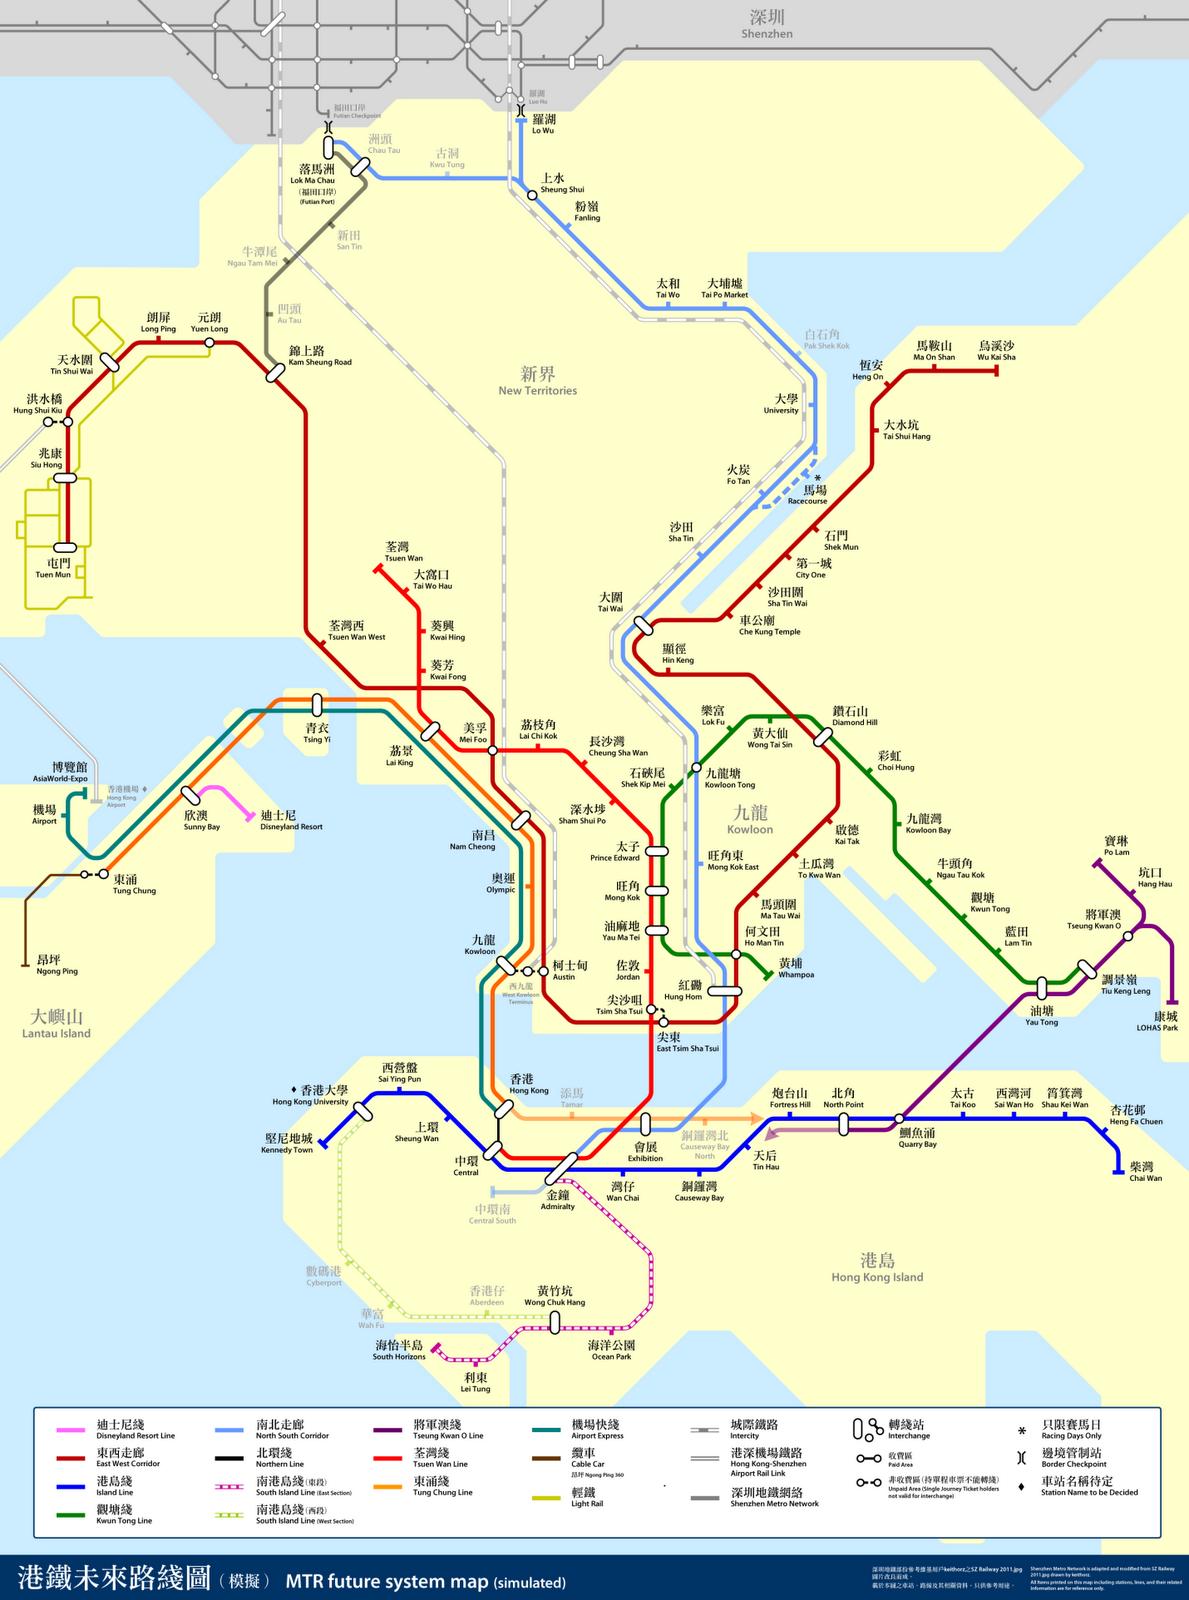 Future MTR Network